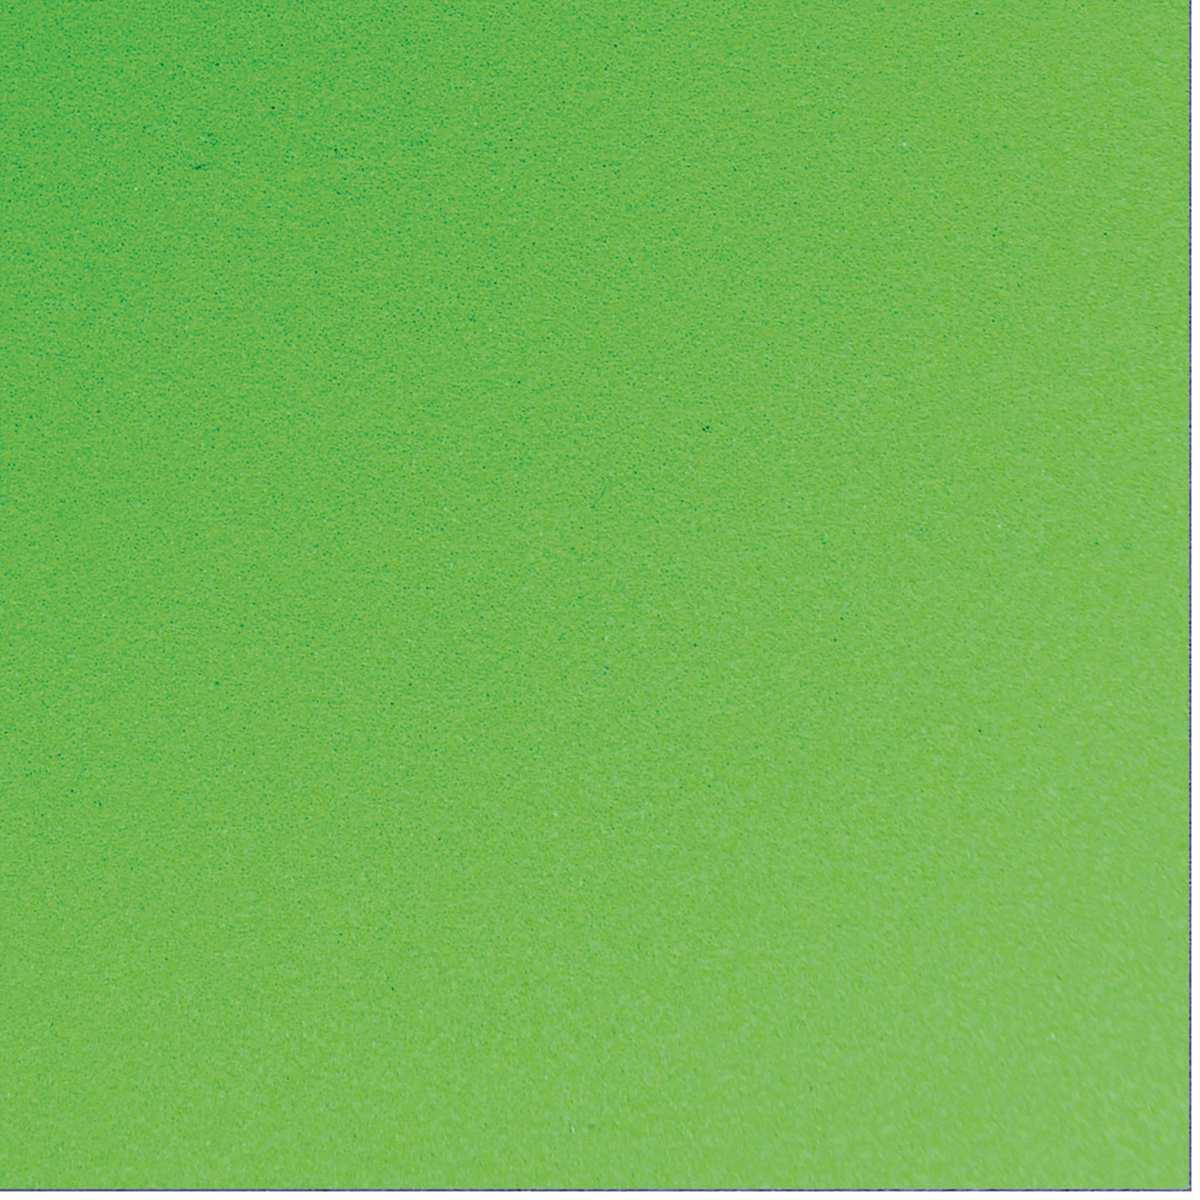 Placa em EVA | 60x40cm Verde Grama 1,6mm Pct.c/10 - Make+